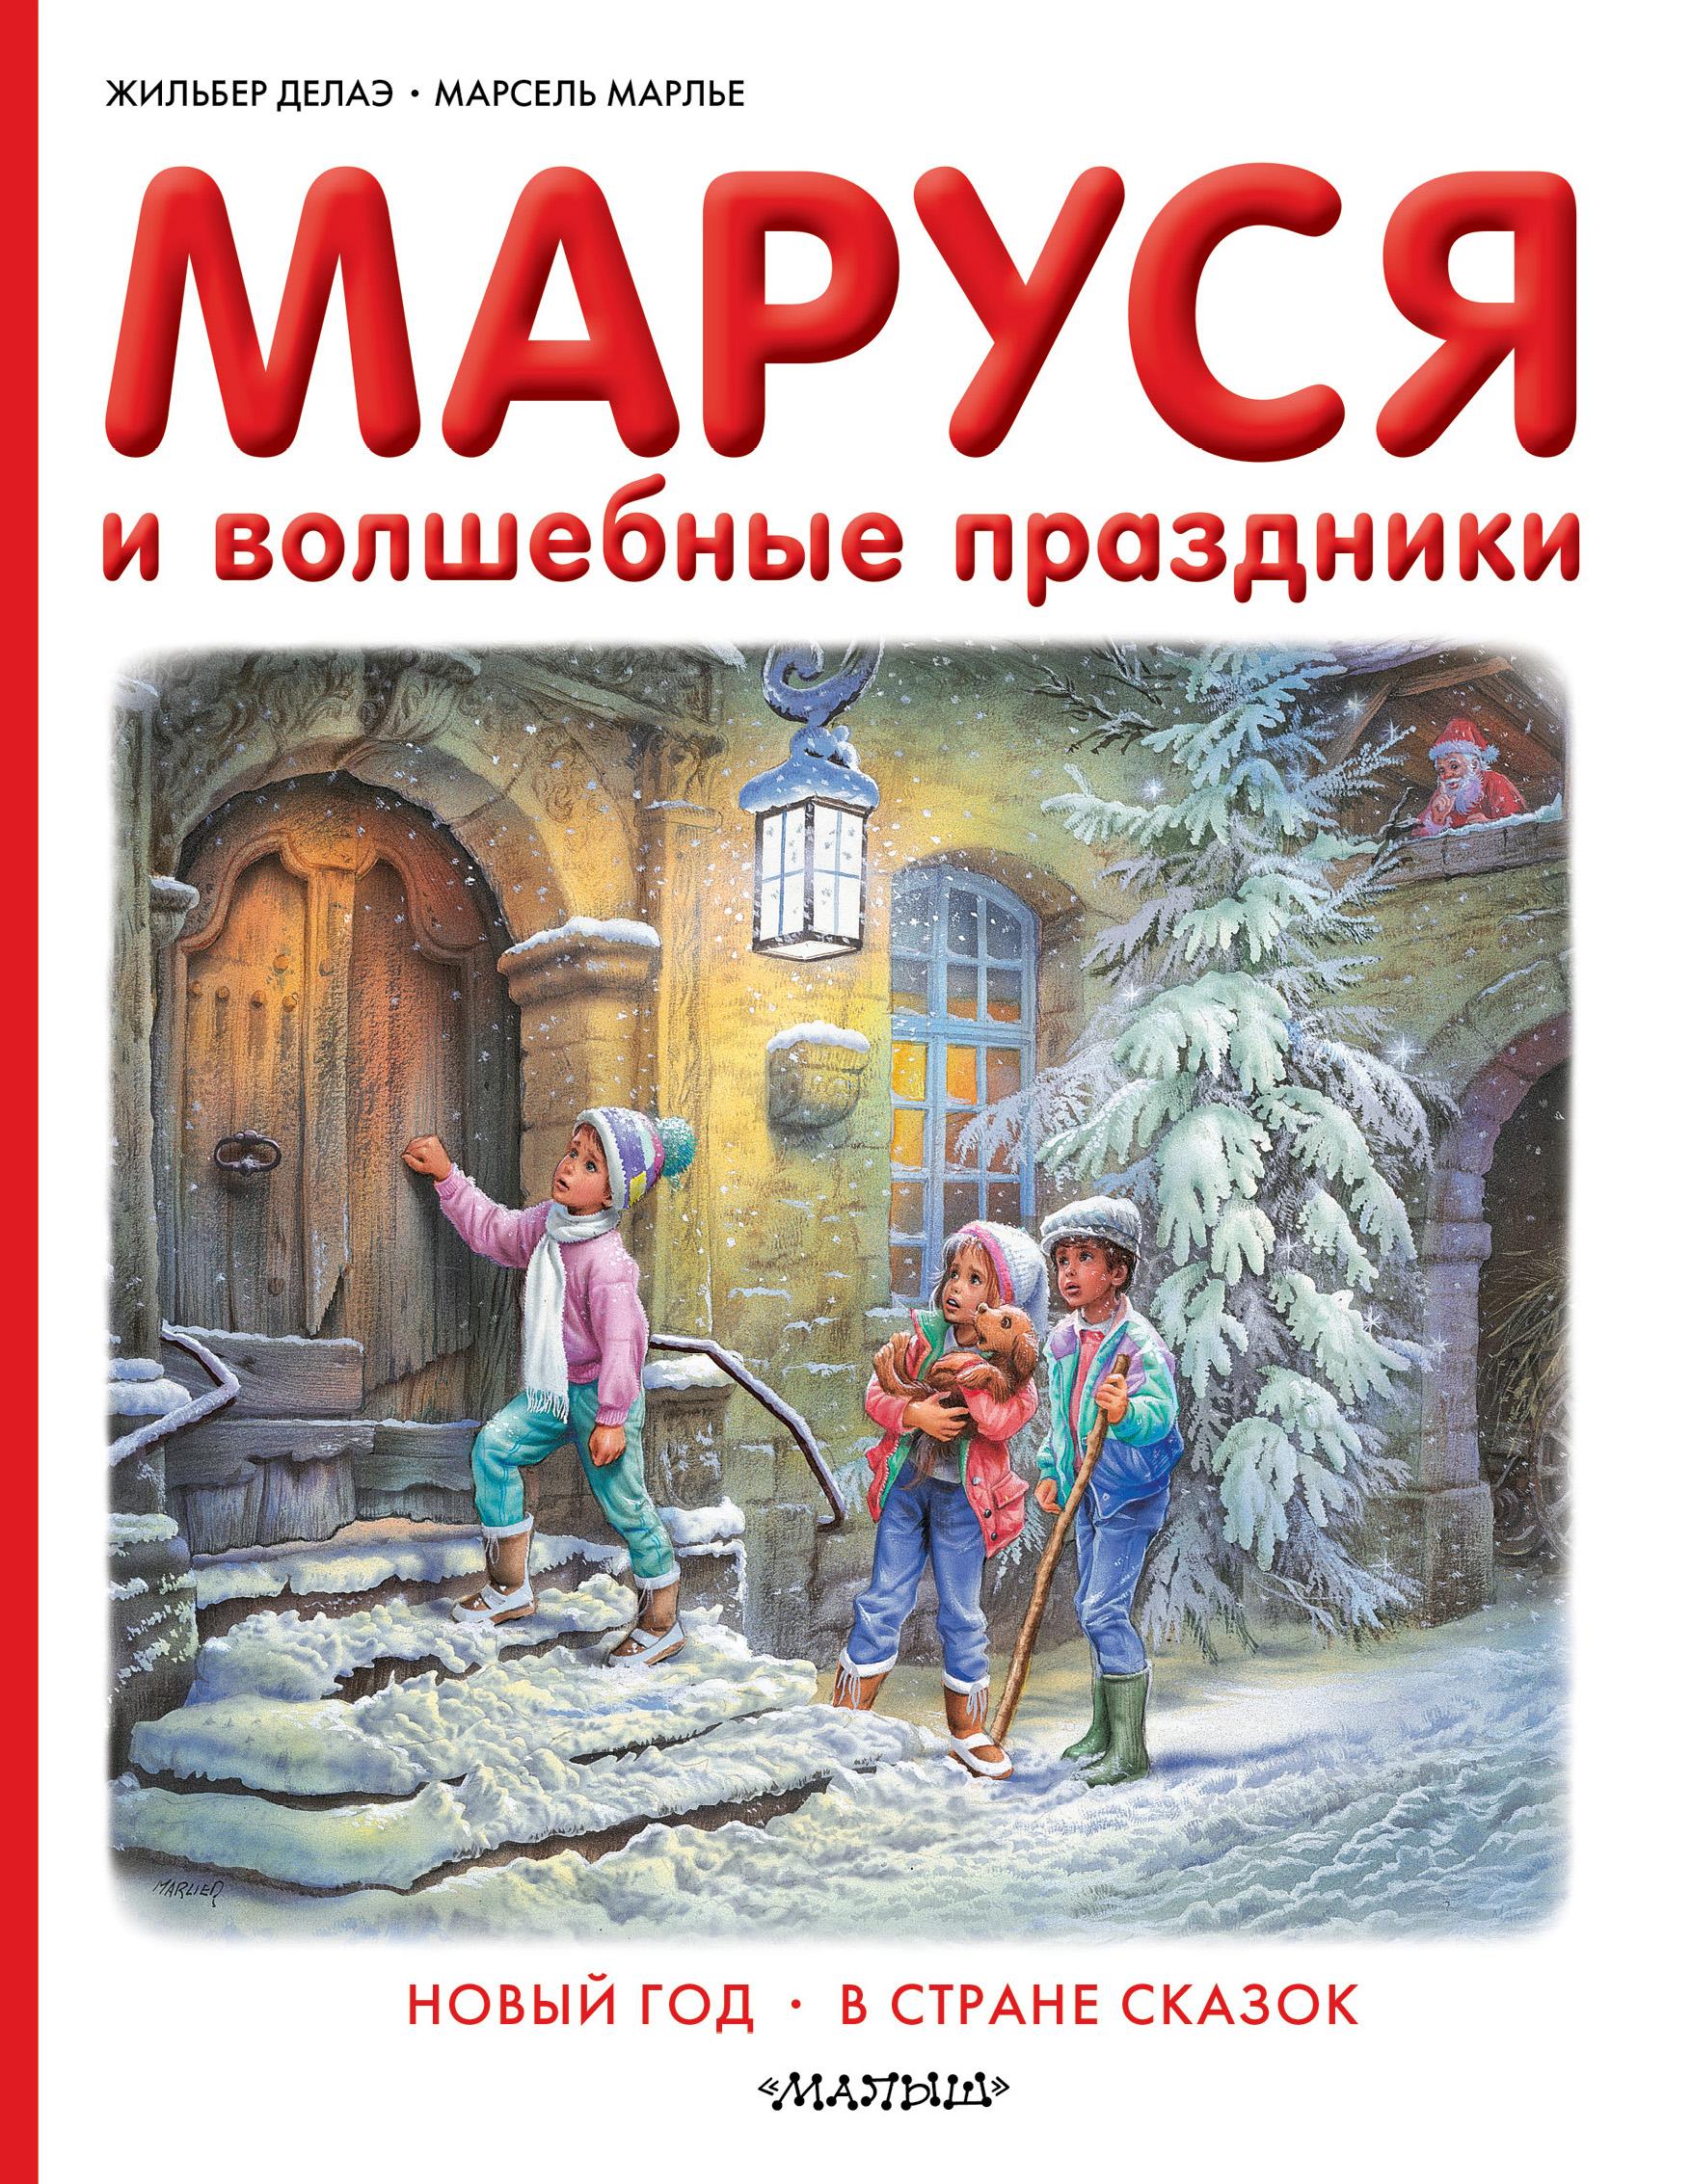 Жильбер Делаэ Маруся и волшебные праздники: Новый год. В стране сказок делаэ ж марлье м маруся и волшебные праздники новый год в стране сказок